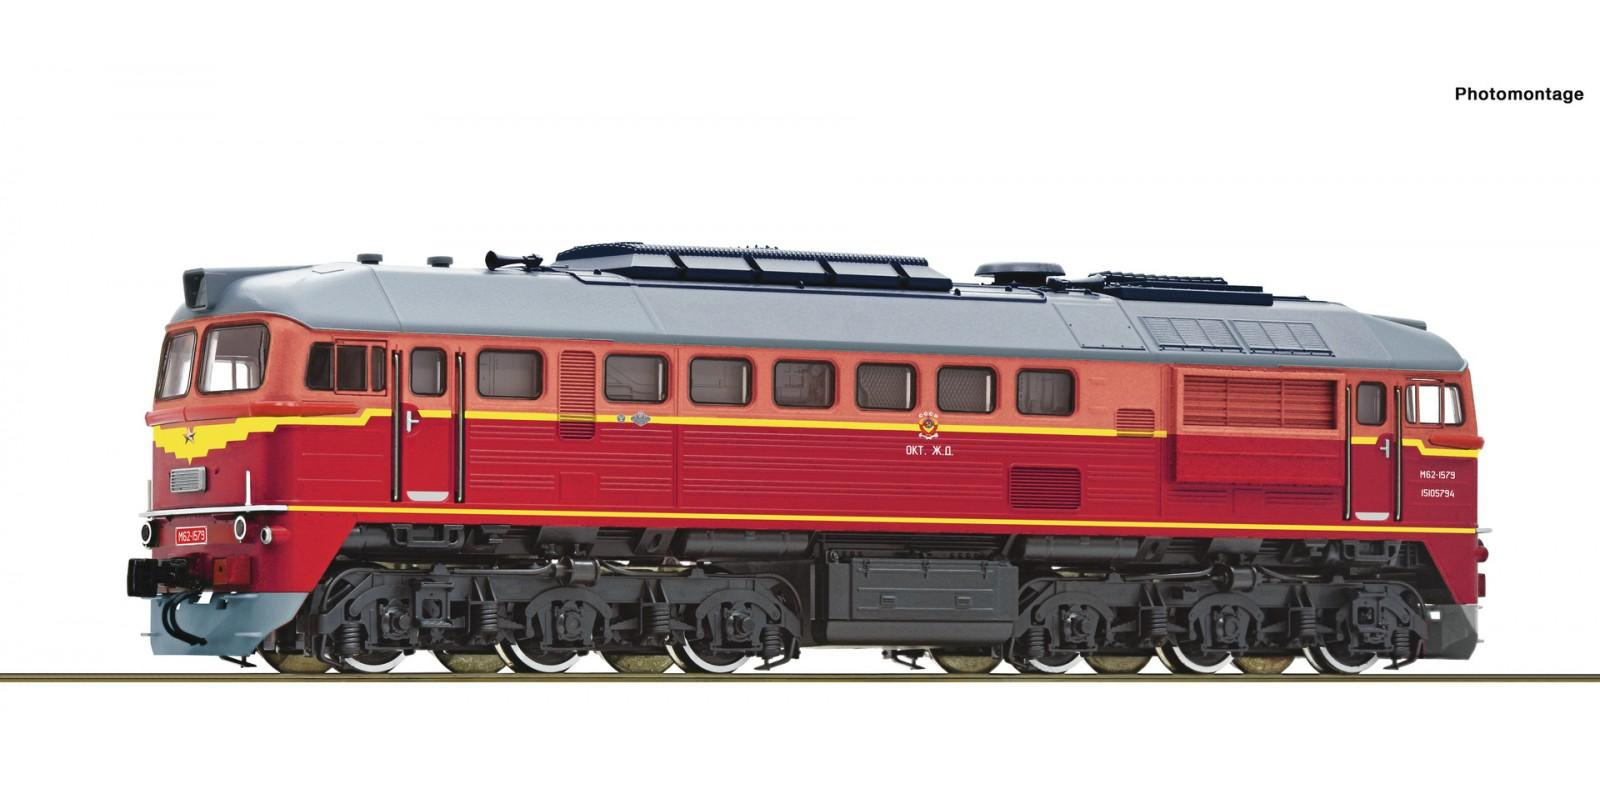 RO73799 Diesel locomotive M62 1579